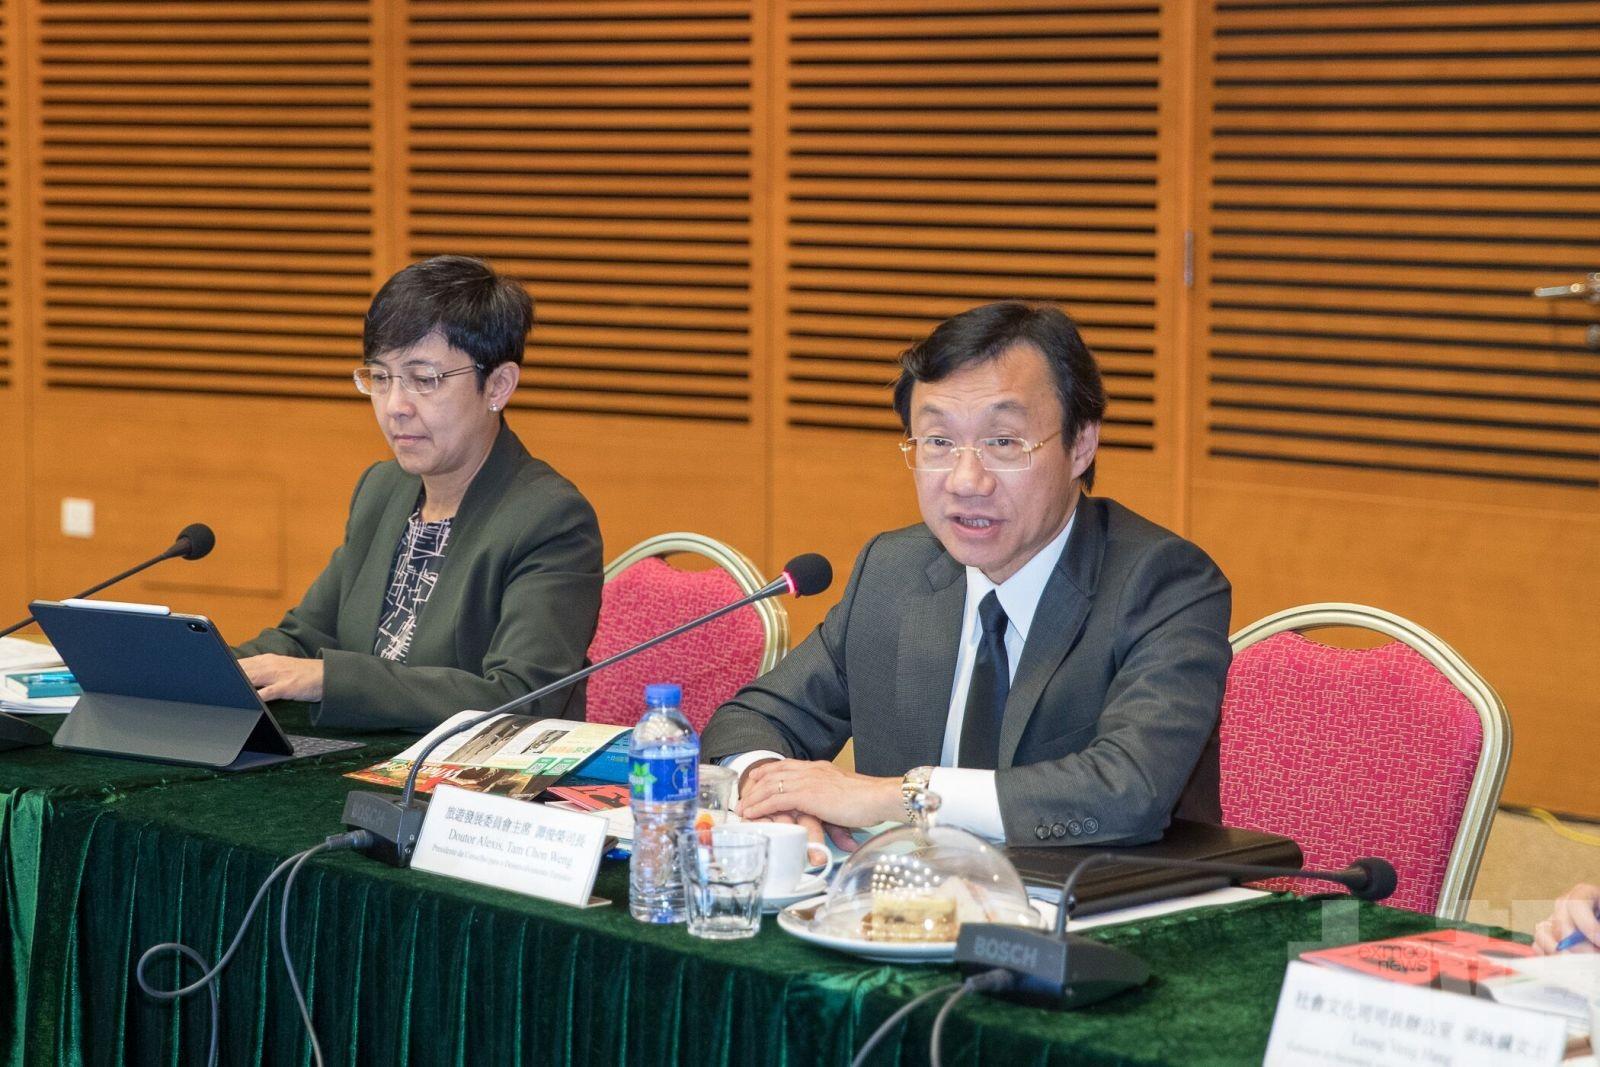 譚俊榮:當局正研究其他應對承載力方法